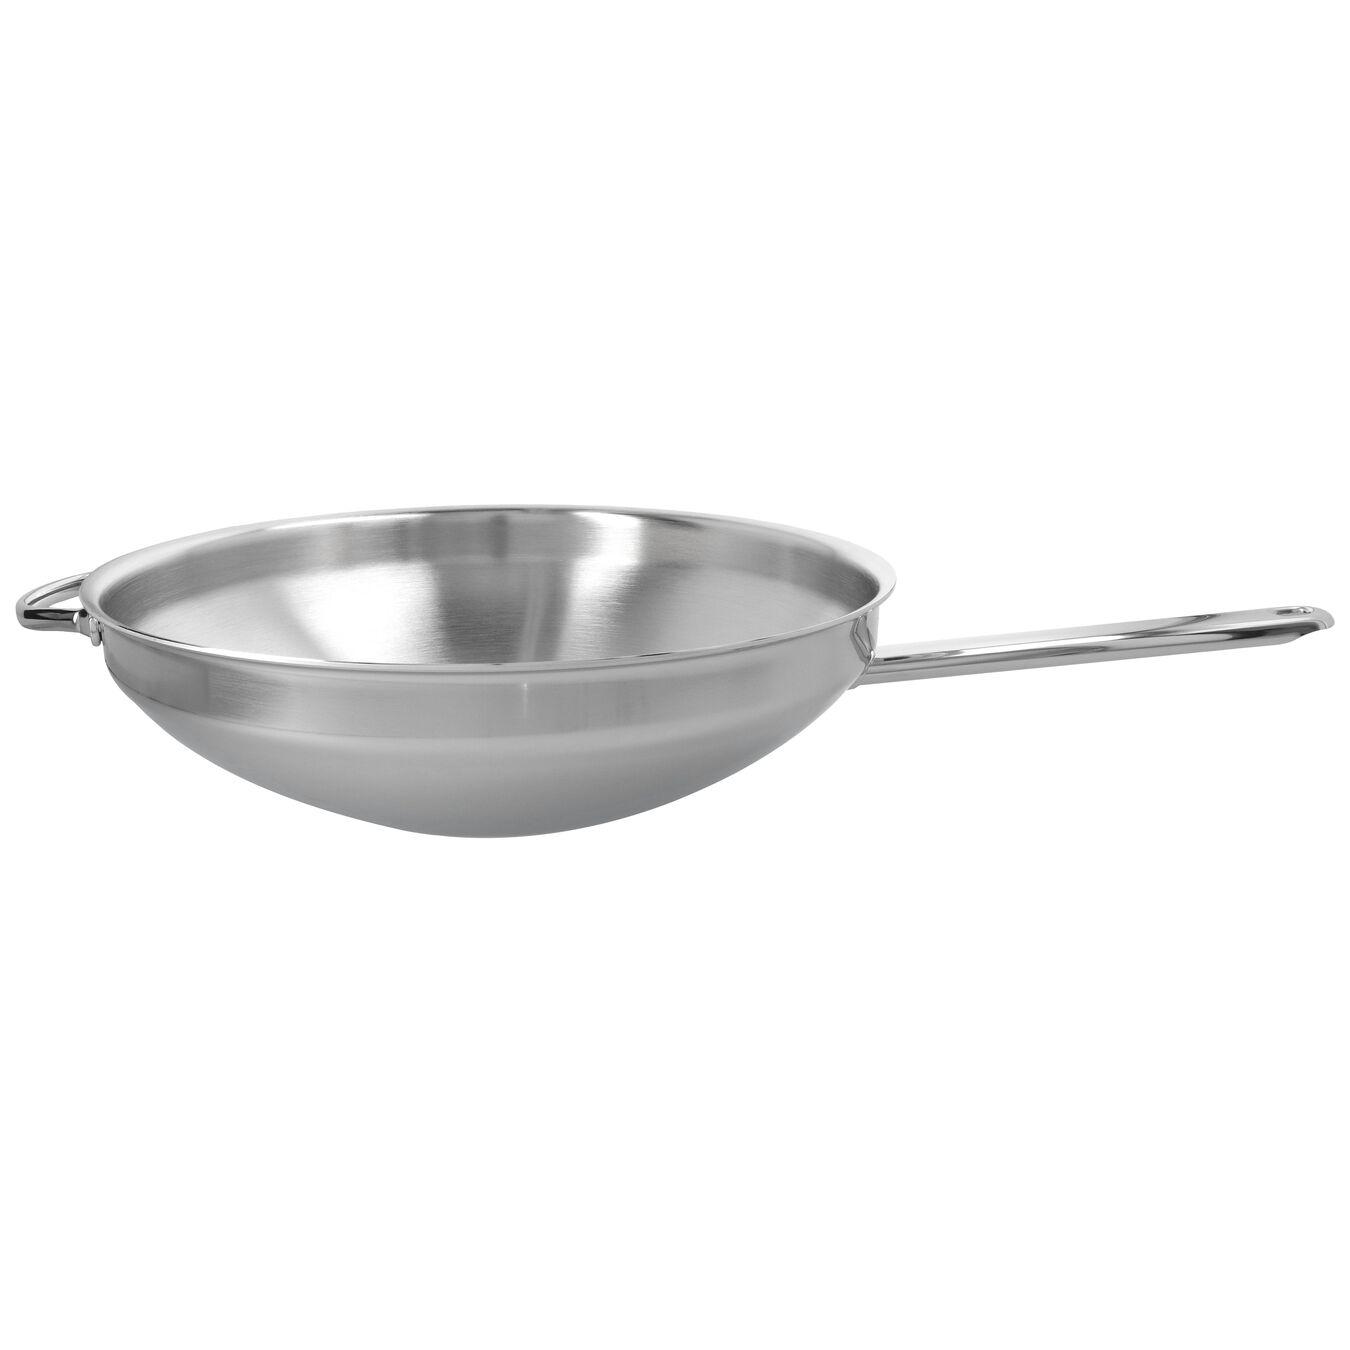 Wok fondo piatto - 32 cm, 18/10 acciaio inossidabile,,large 1